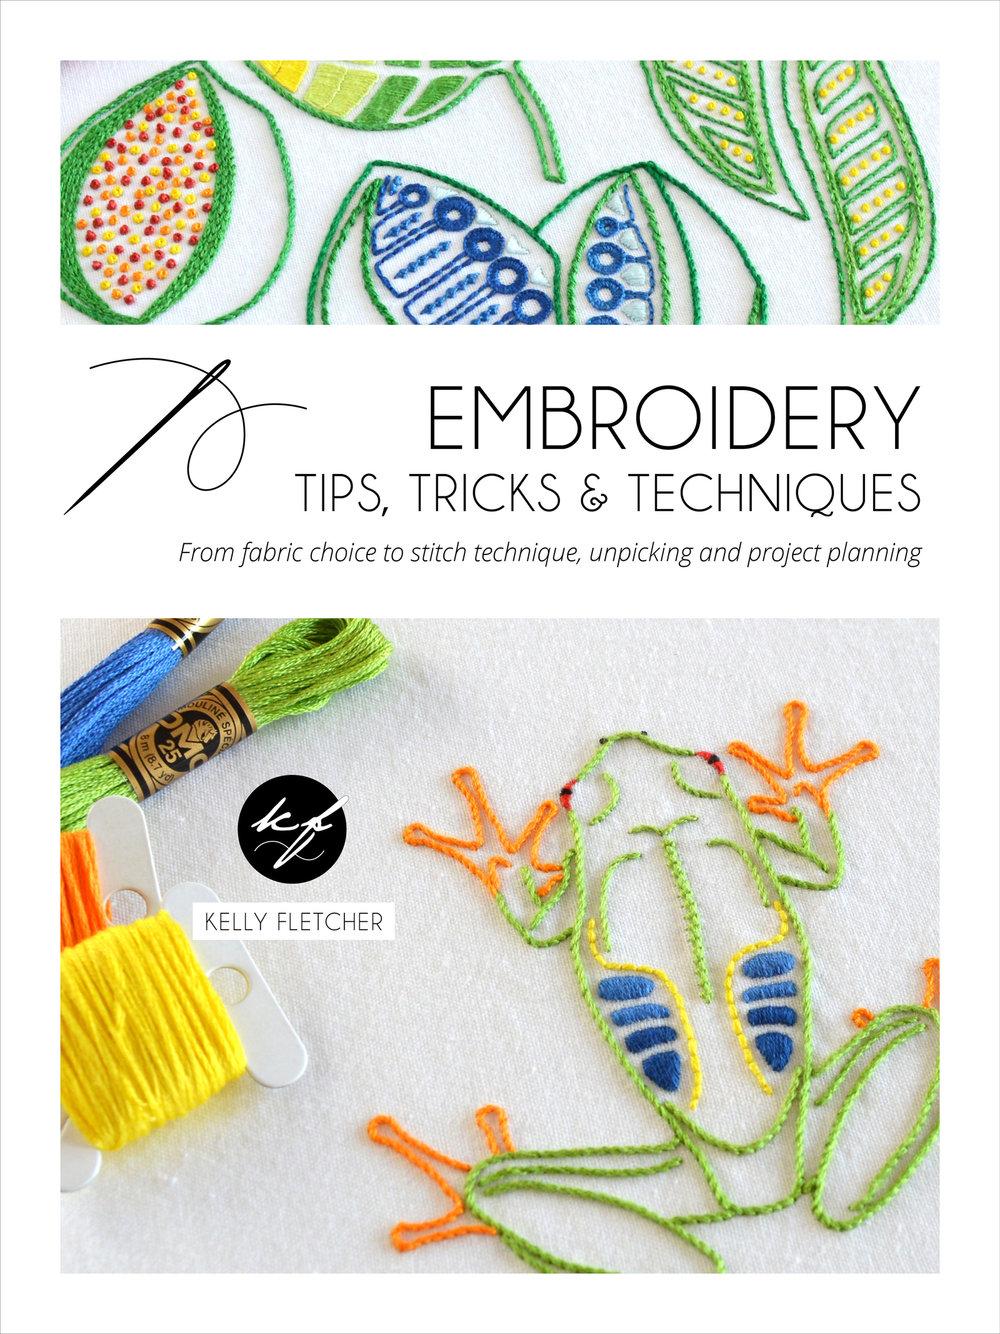 EmbroideryTipsTricksTechniquesB_KellyFletcher.jpg